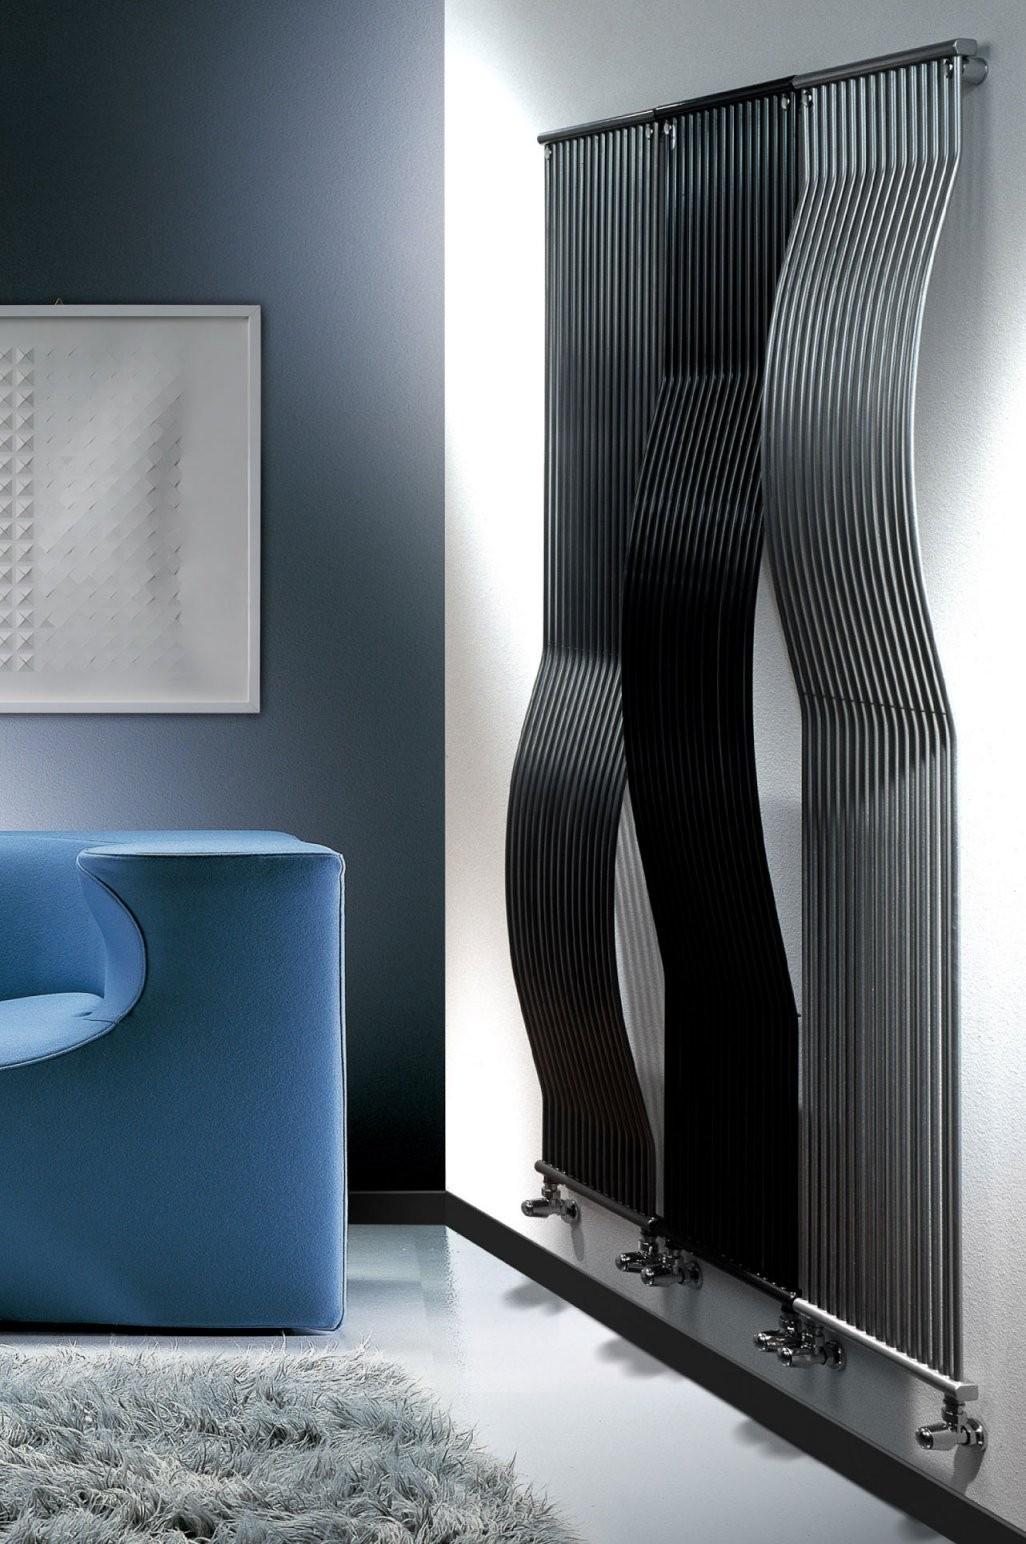 Design Heizkörper Wohnzimmer  Rubengonzalezclub von Moderne Heizkörper Für Wohnzimmer Bild